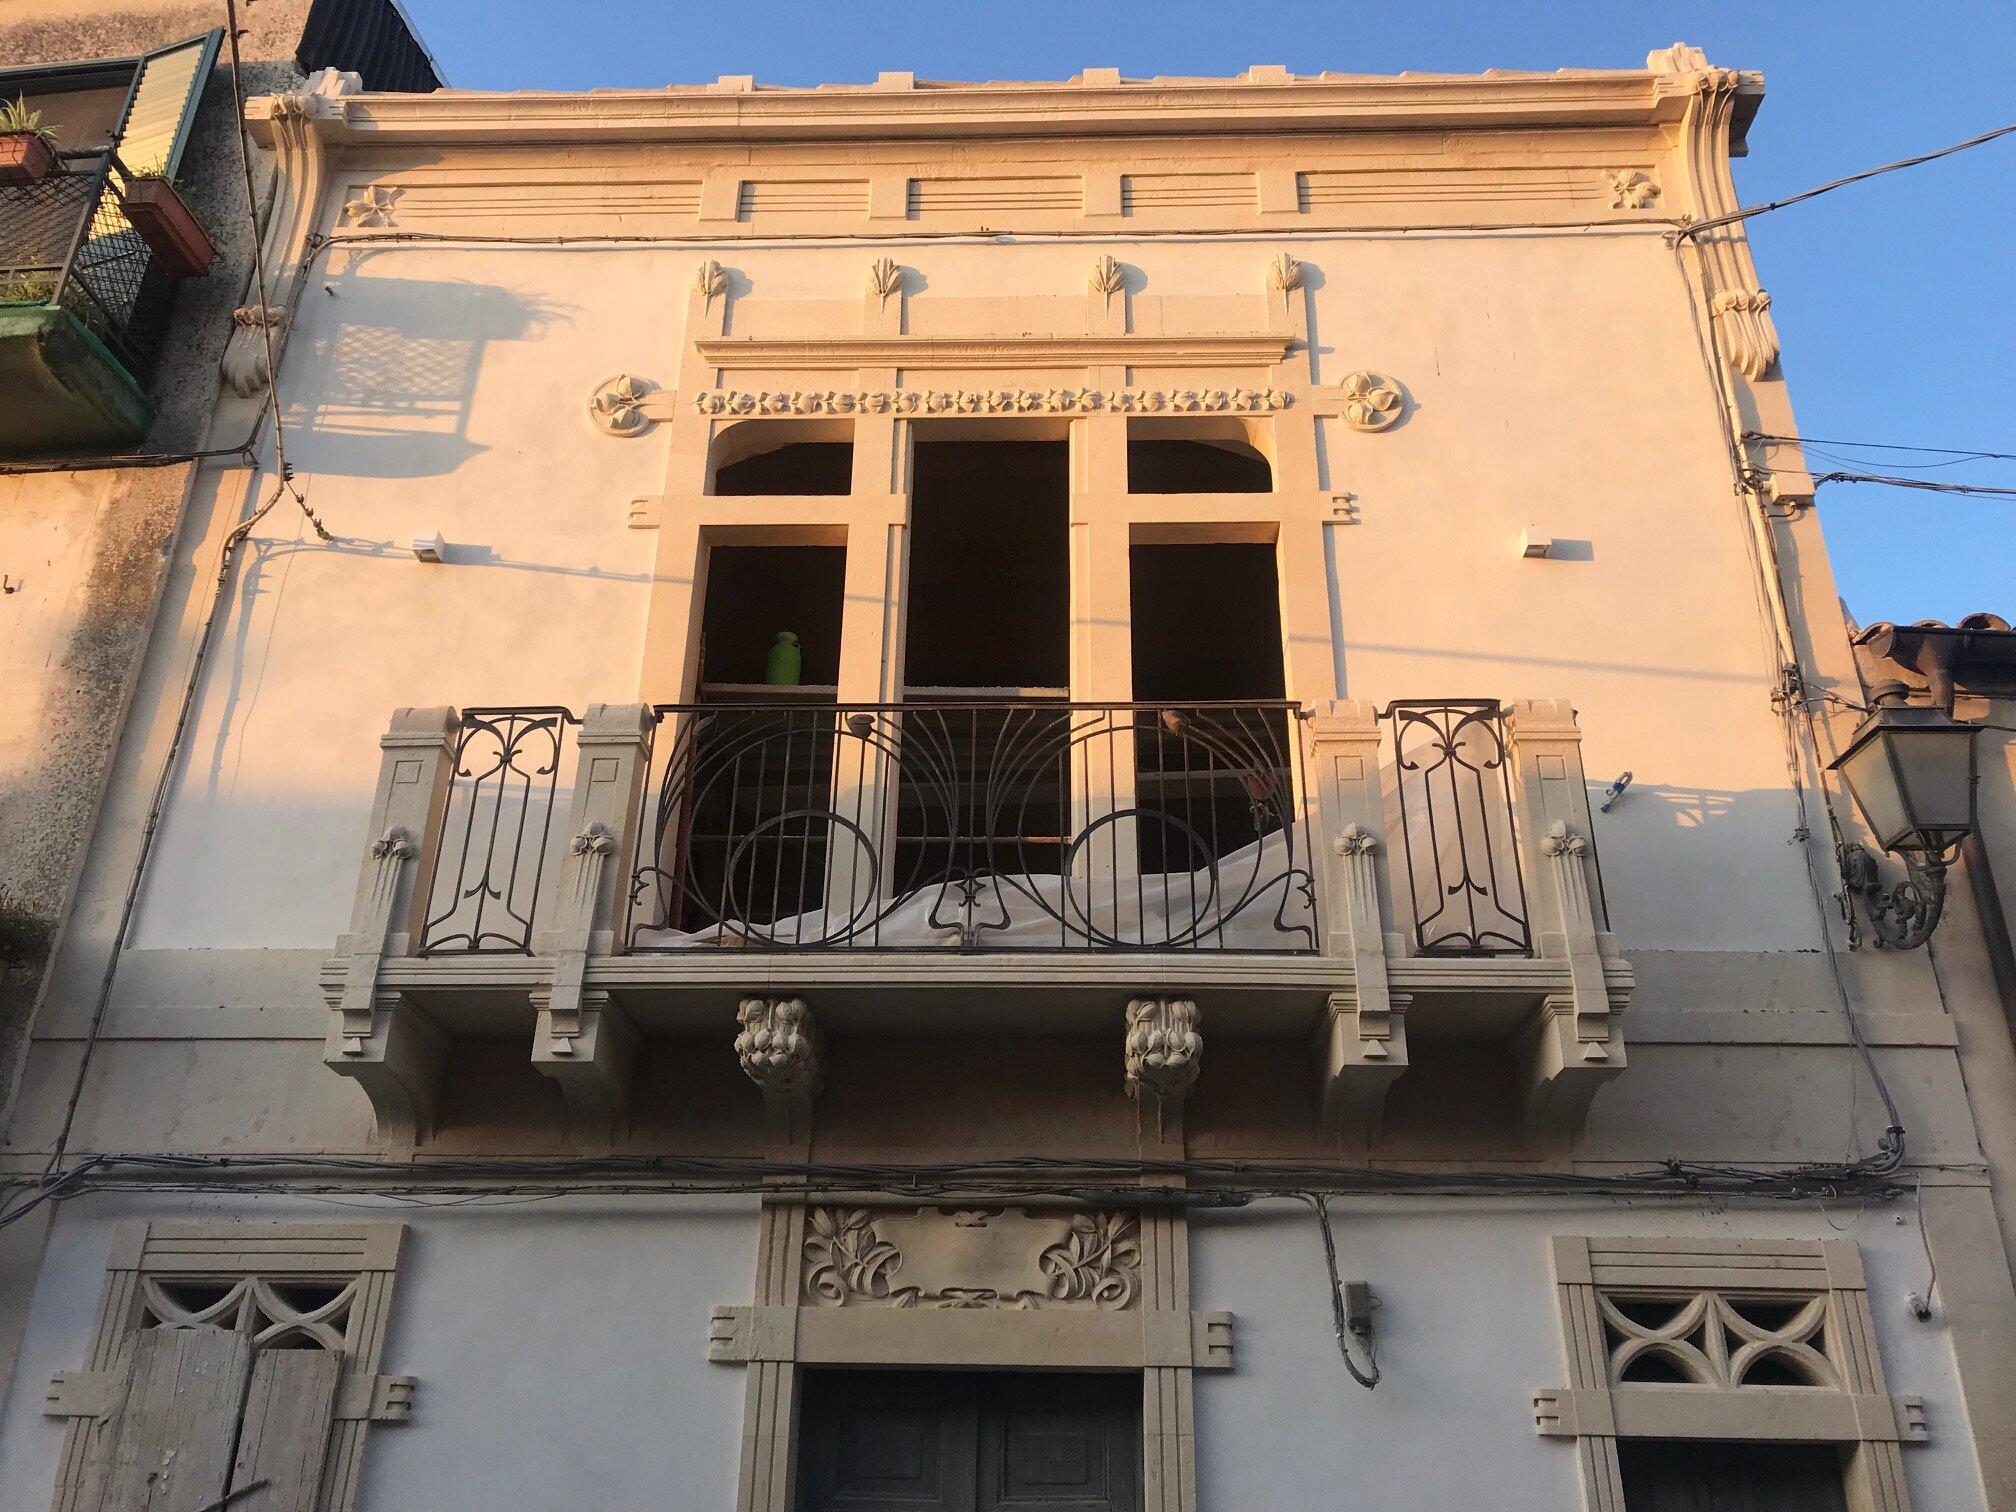 Nasce San Sebastiano Contemporary/Casa Bramante, la nuova realtà museale di Palazzolo Acreide